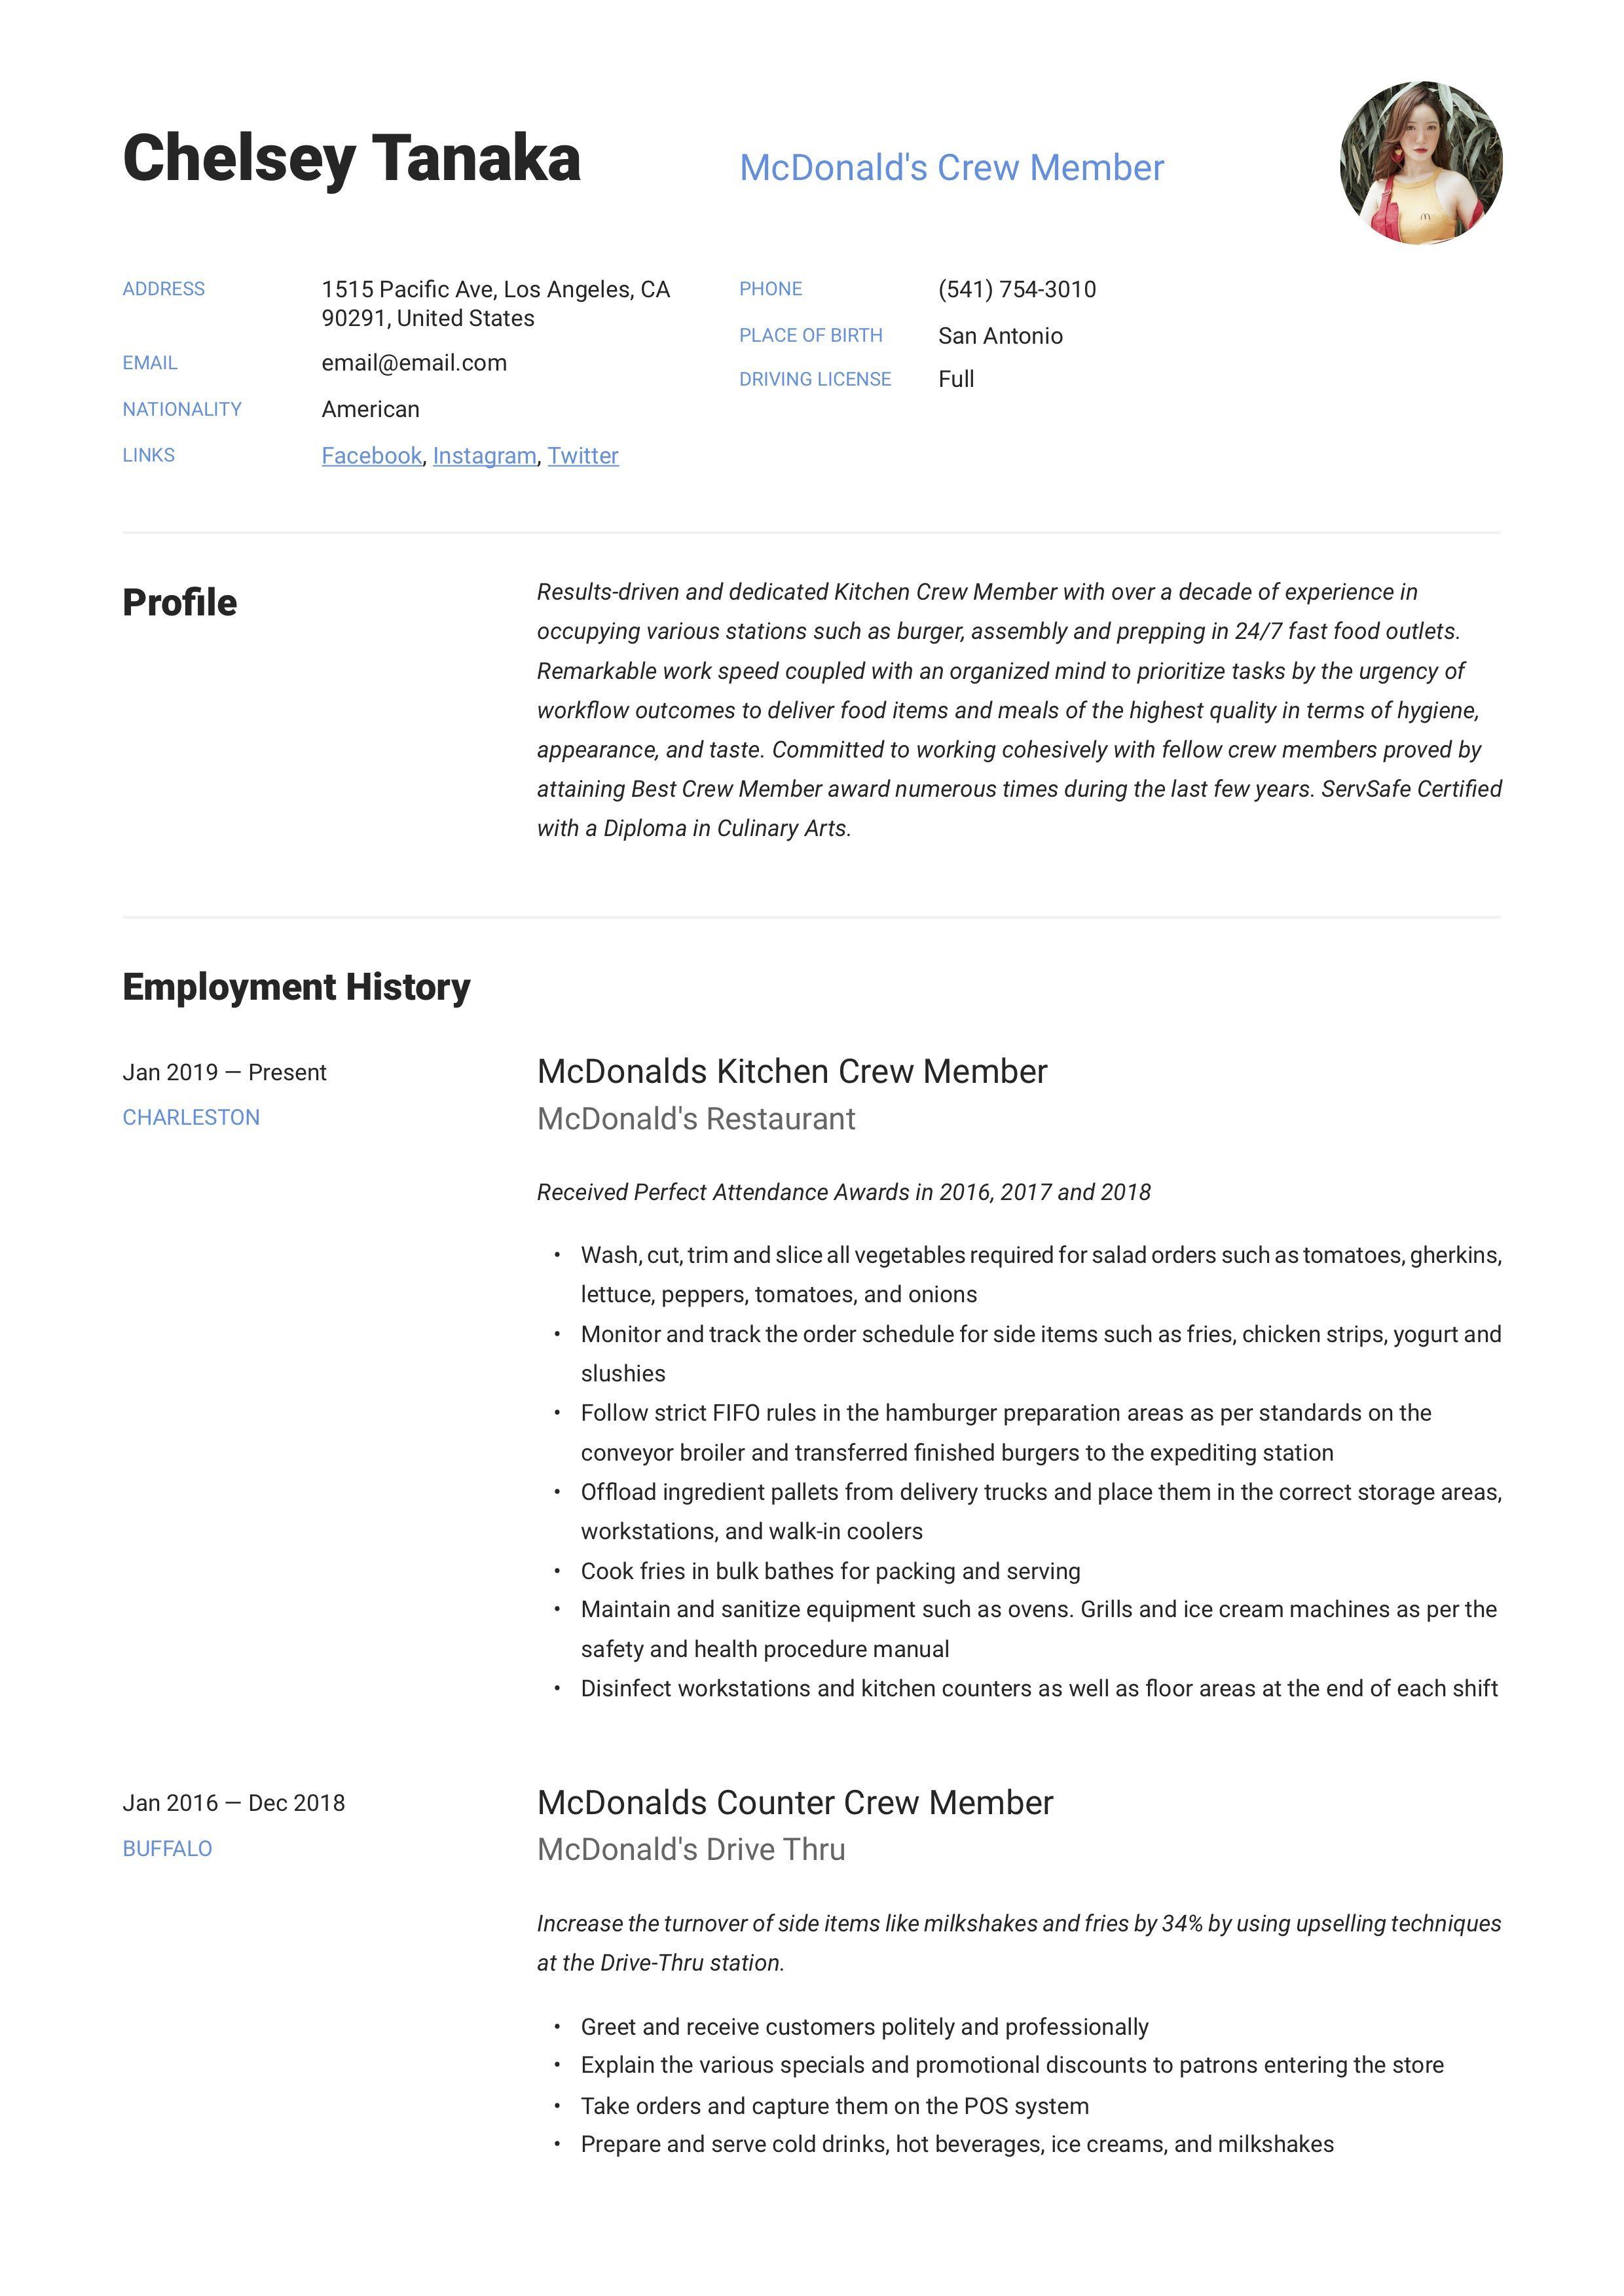 Mcdonalds crew member resume writing guide in 2020